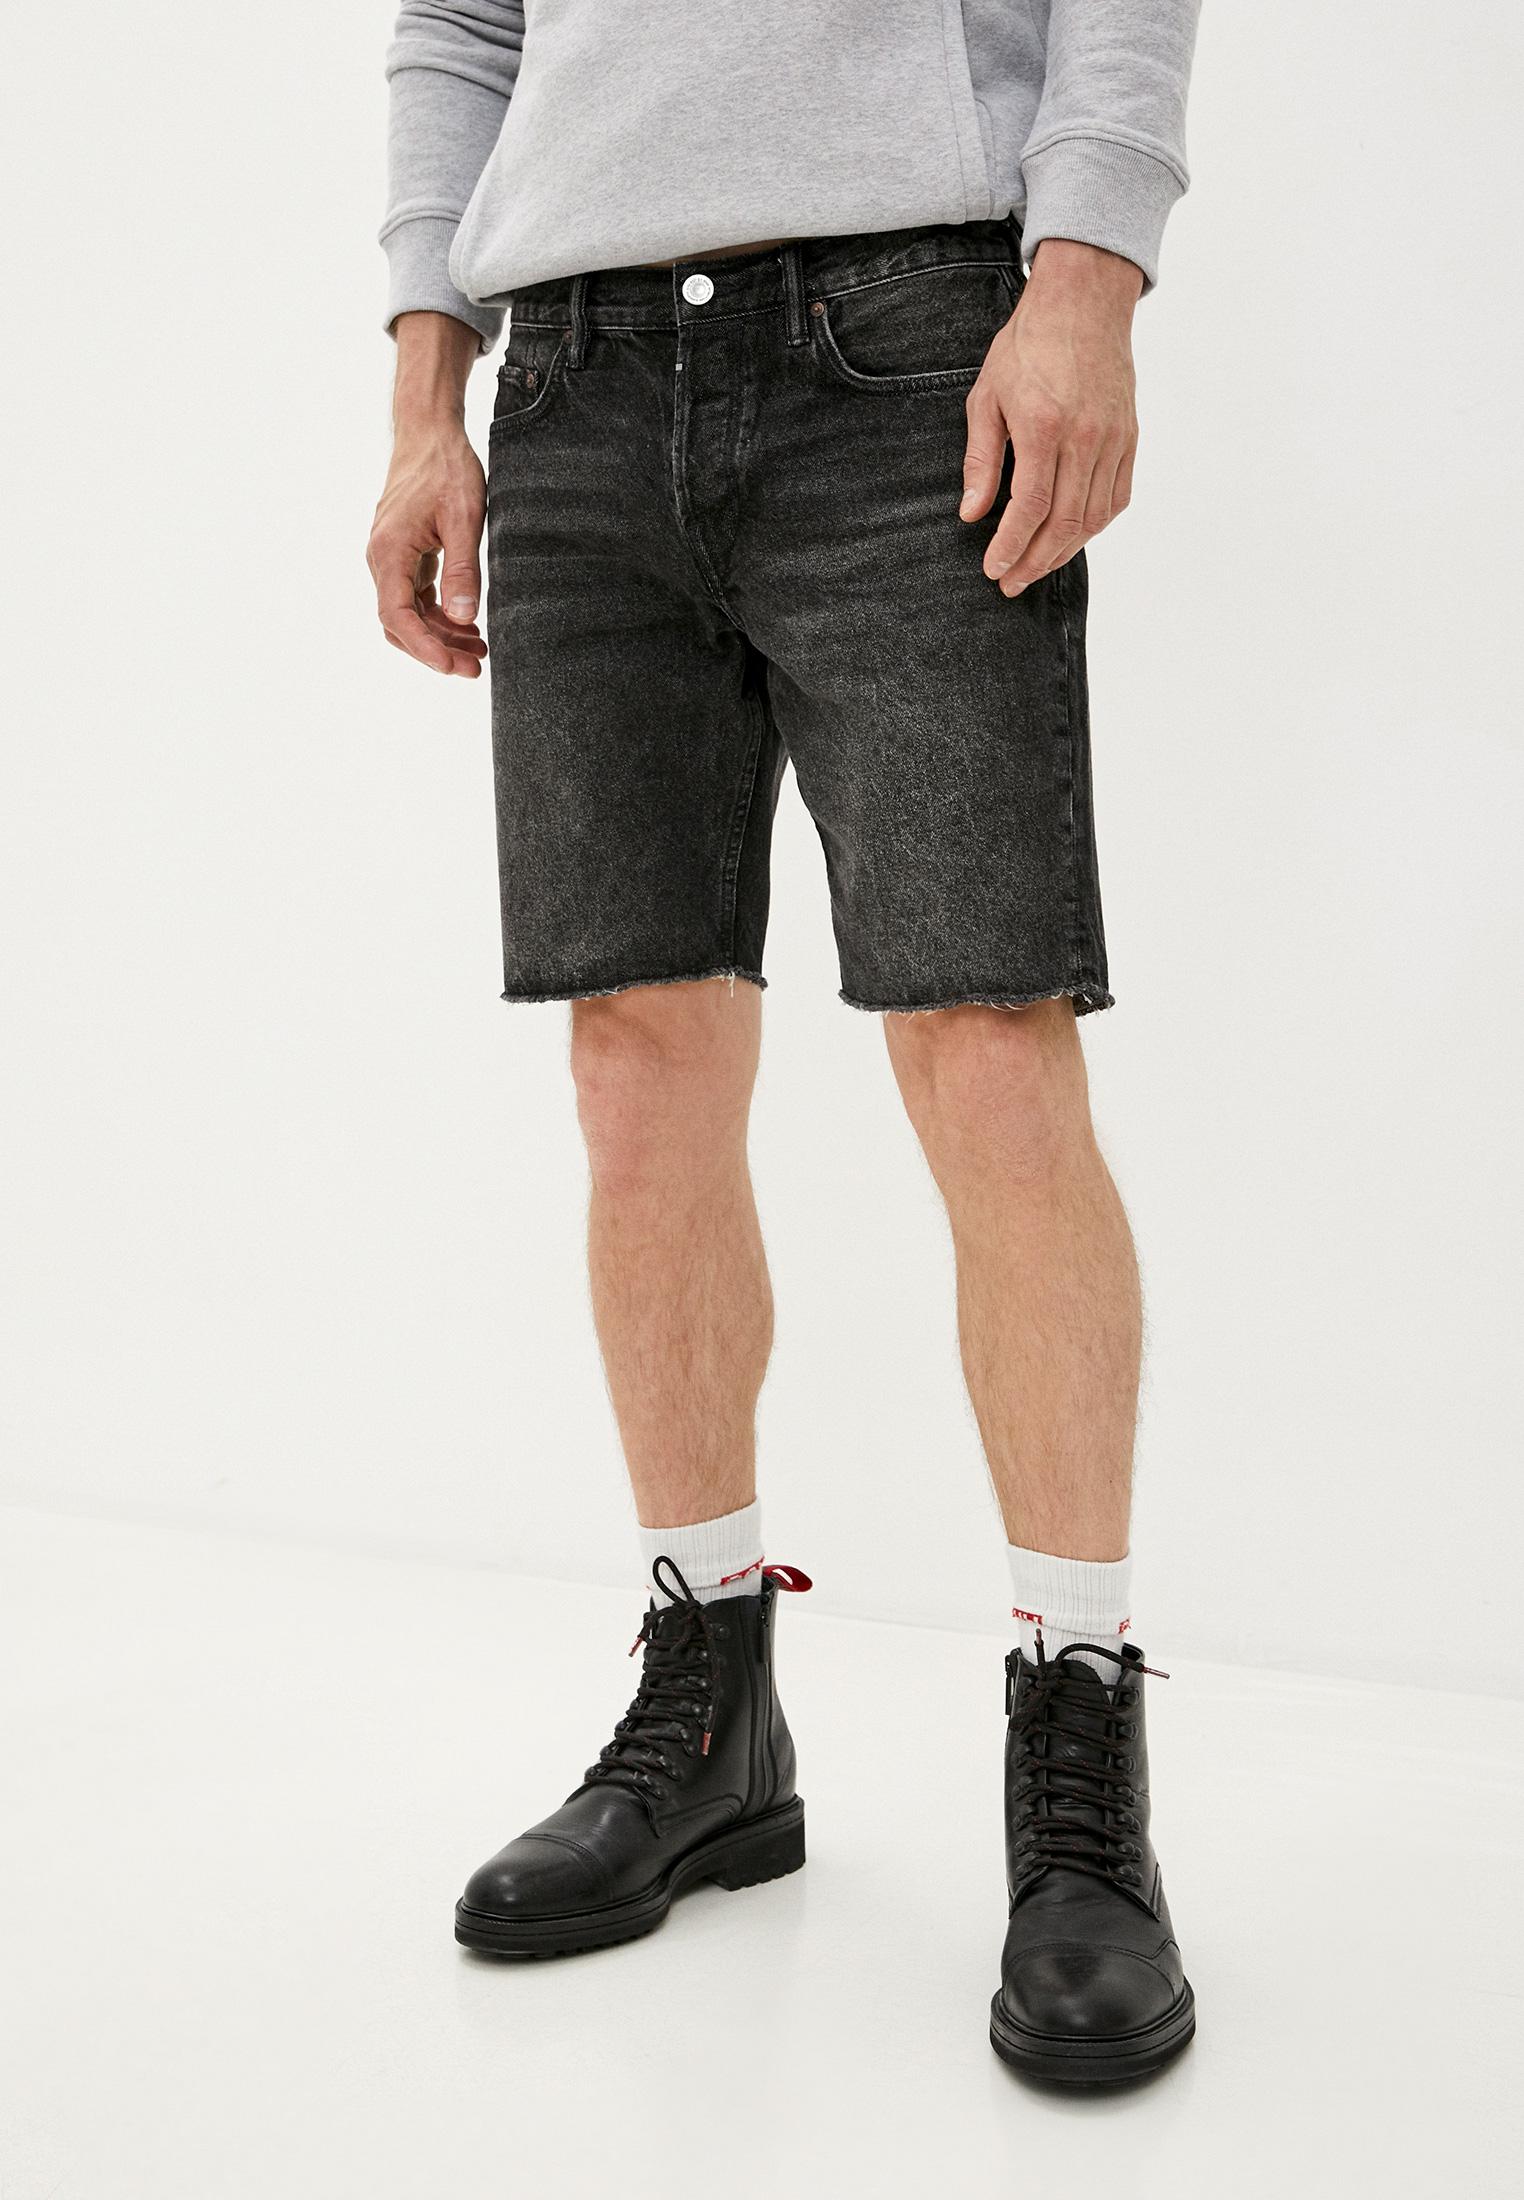 Мужские джинсовые шорты AllSaints ME023S